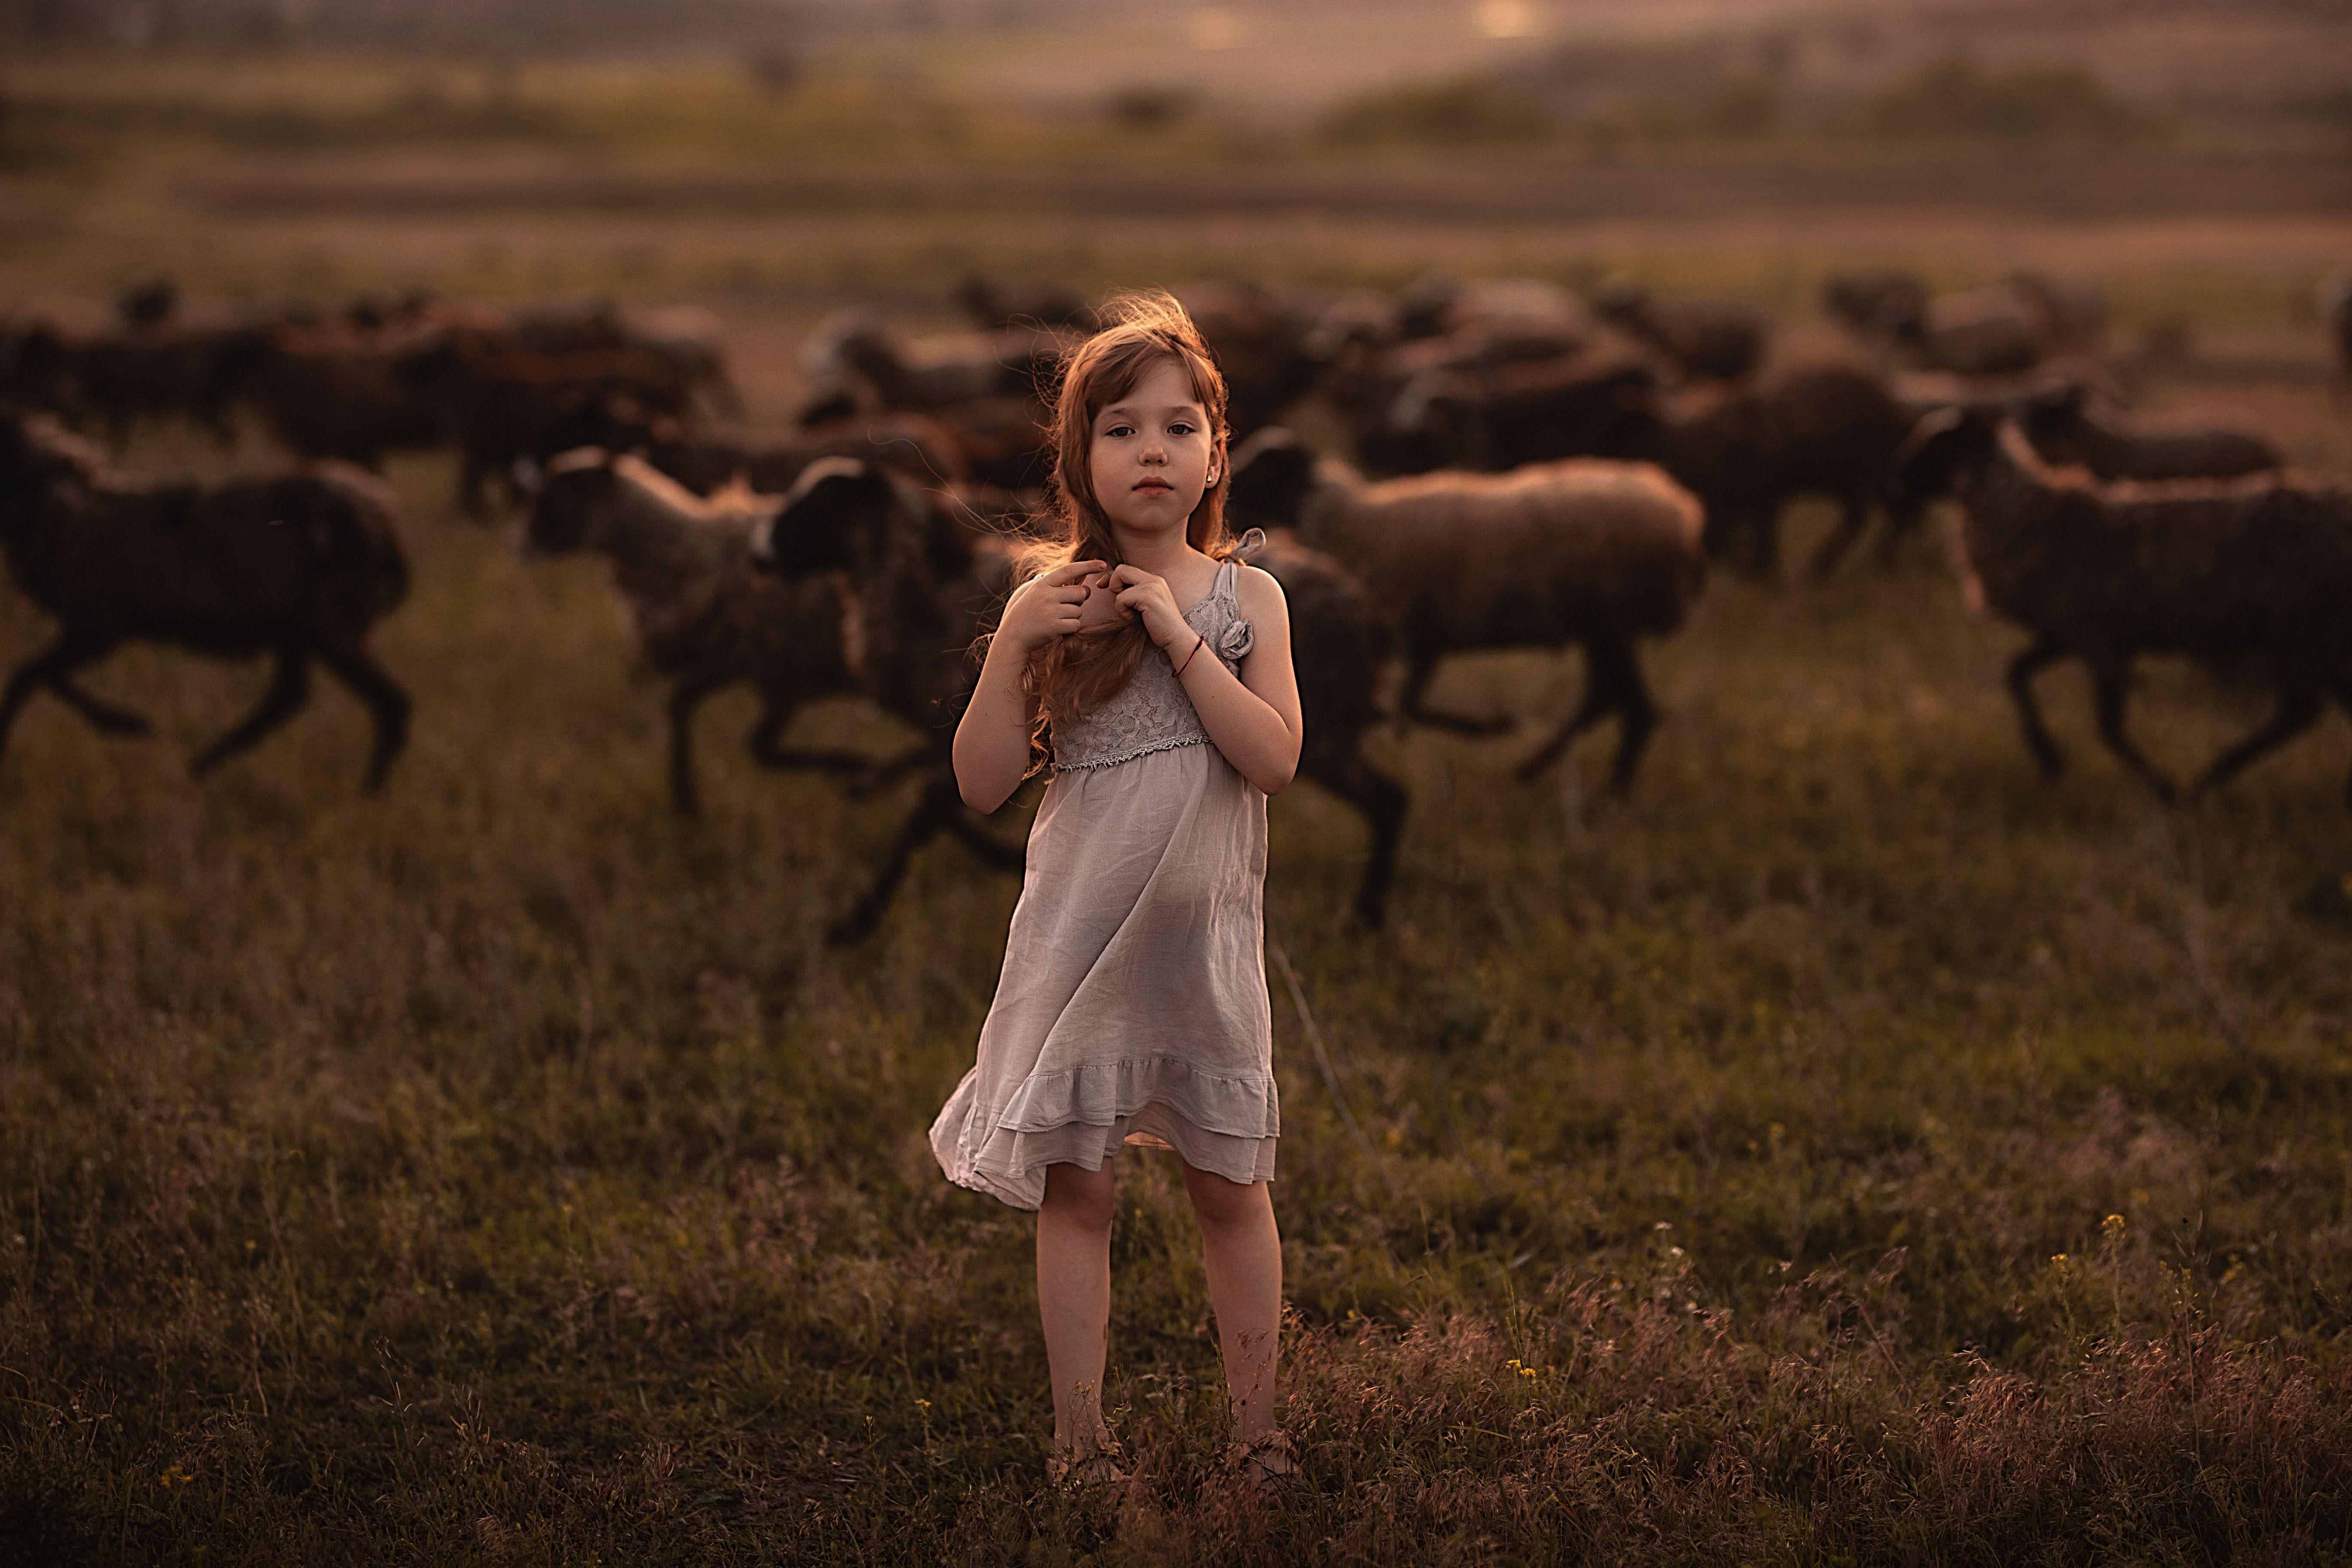 девочка поле закат детство овцы стадо ритм лето безмятежность, Еленчук Марина